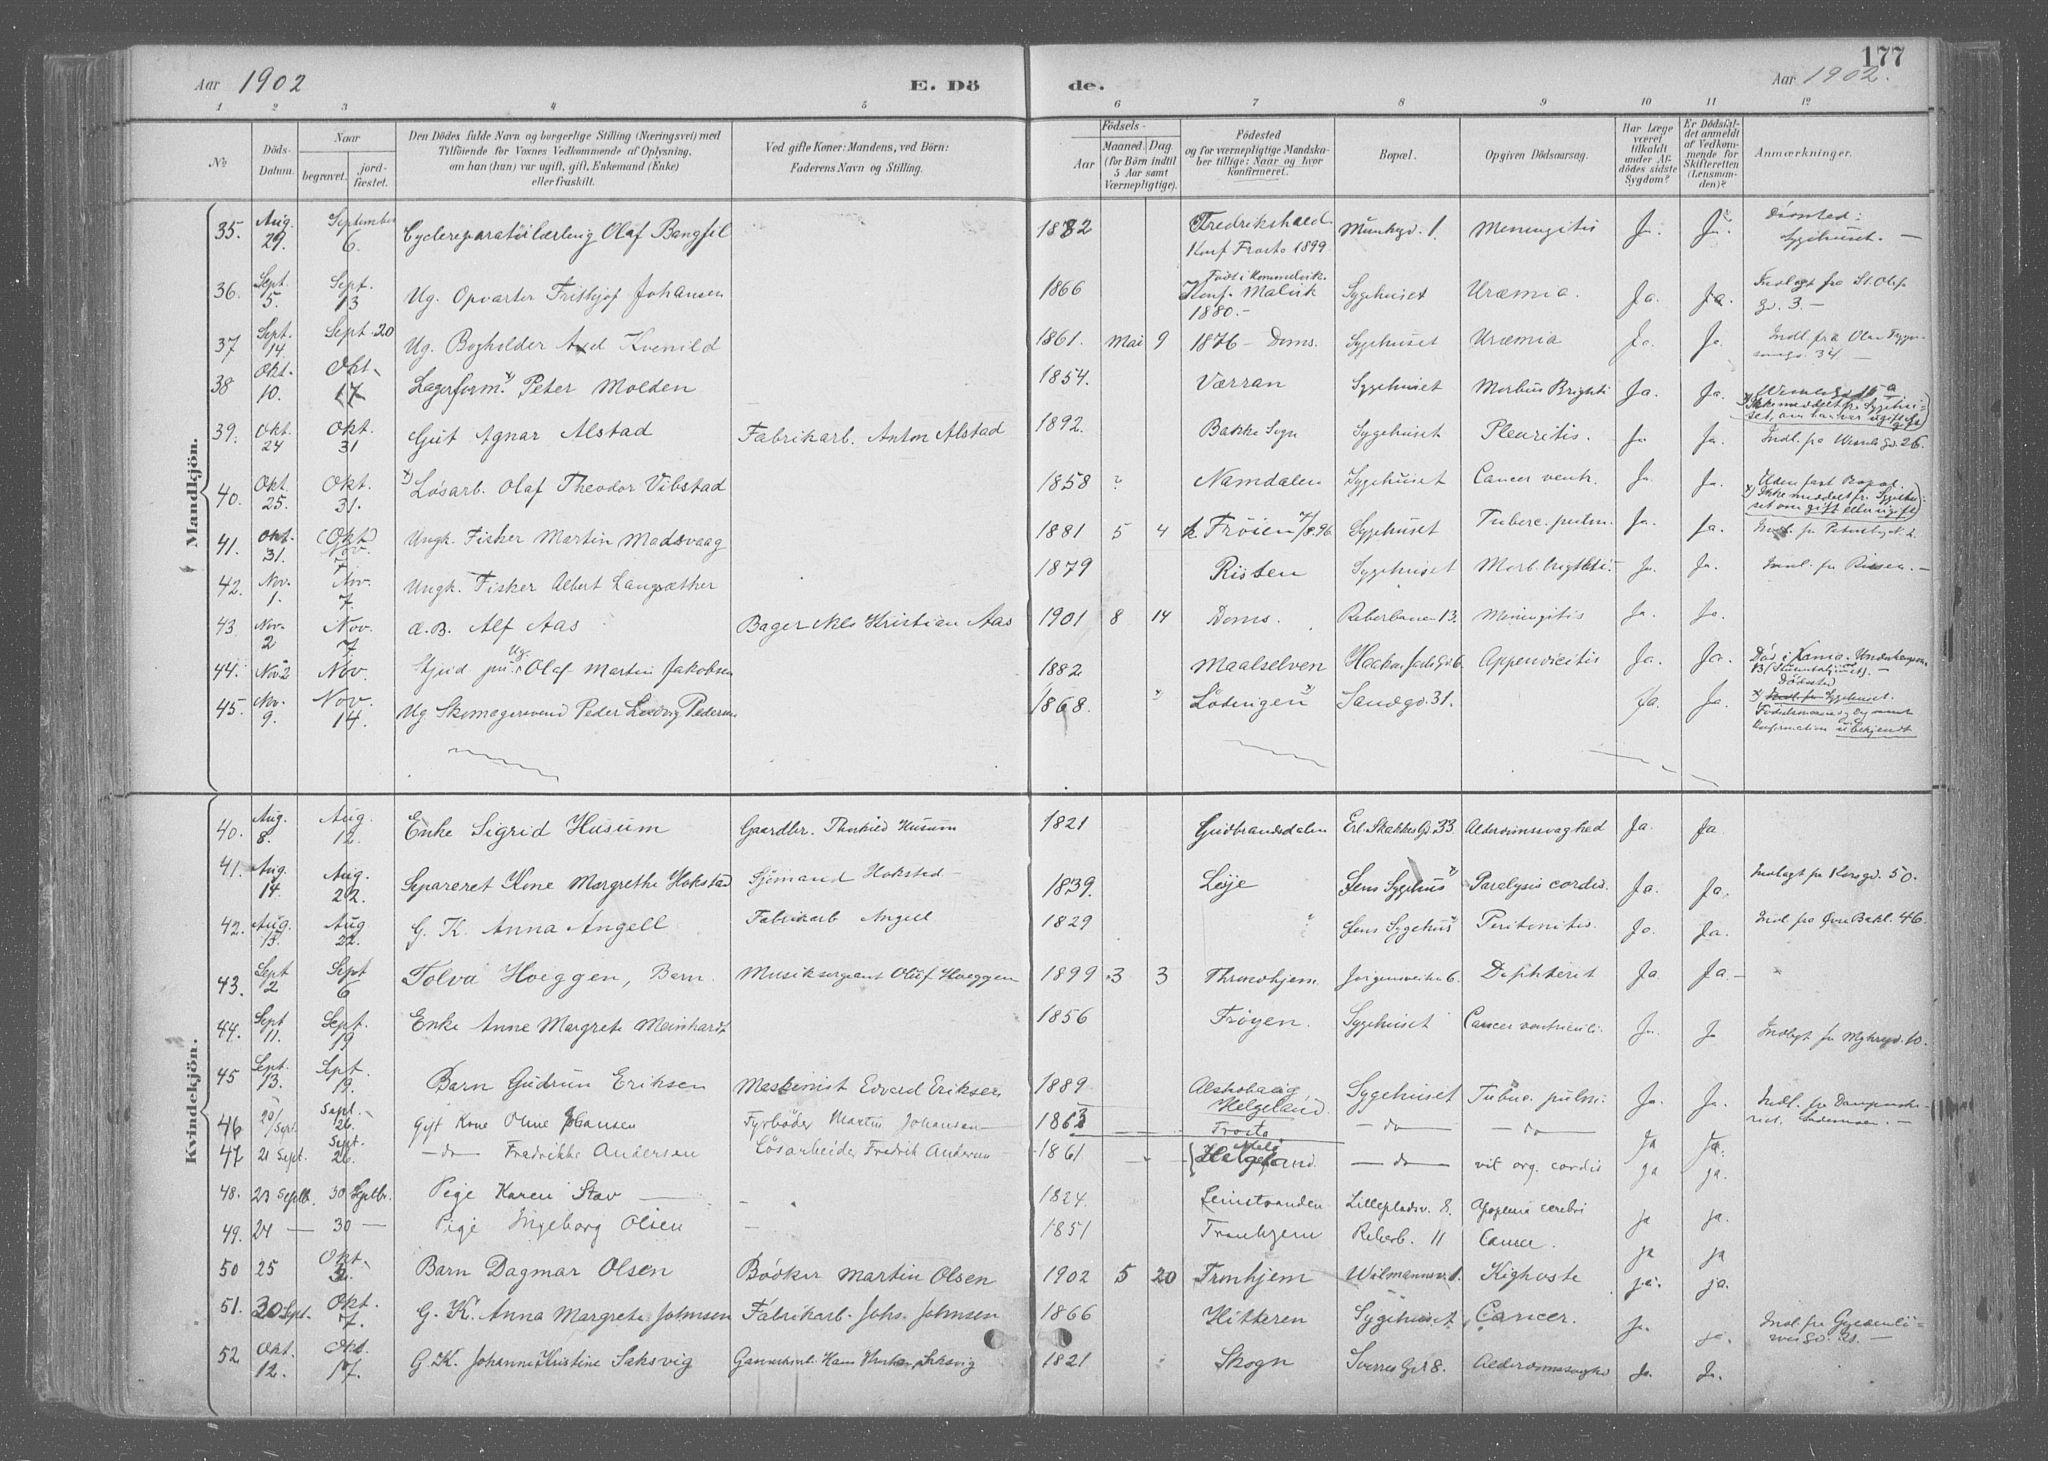 SAT, Ministerialprotokoller, klokkerbøker og fødselsregistre - Sør-Trøndelag, 601/L0064: Ministerialbok nr. 601A31, 1891-1911, s. 177